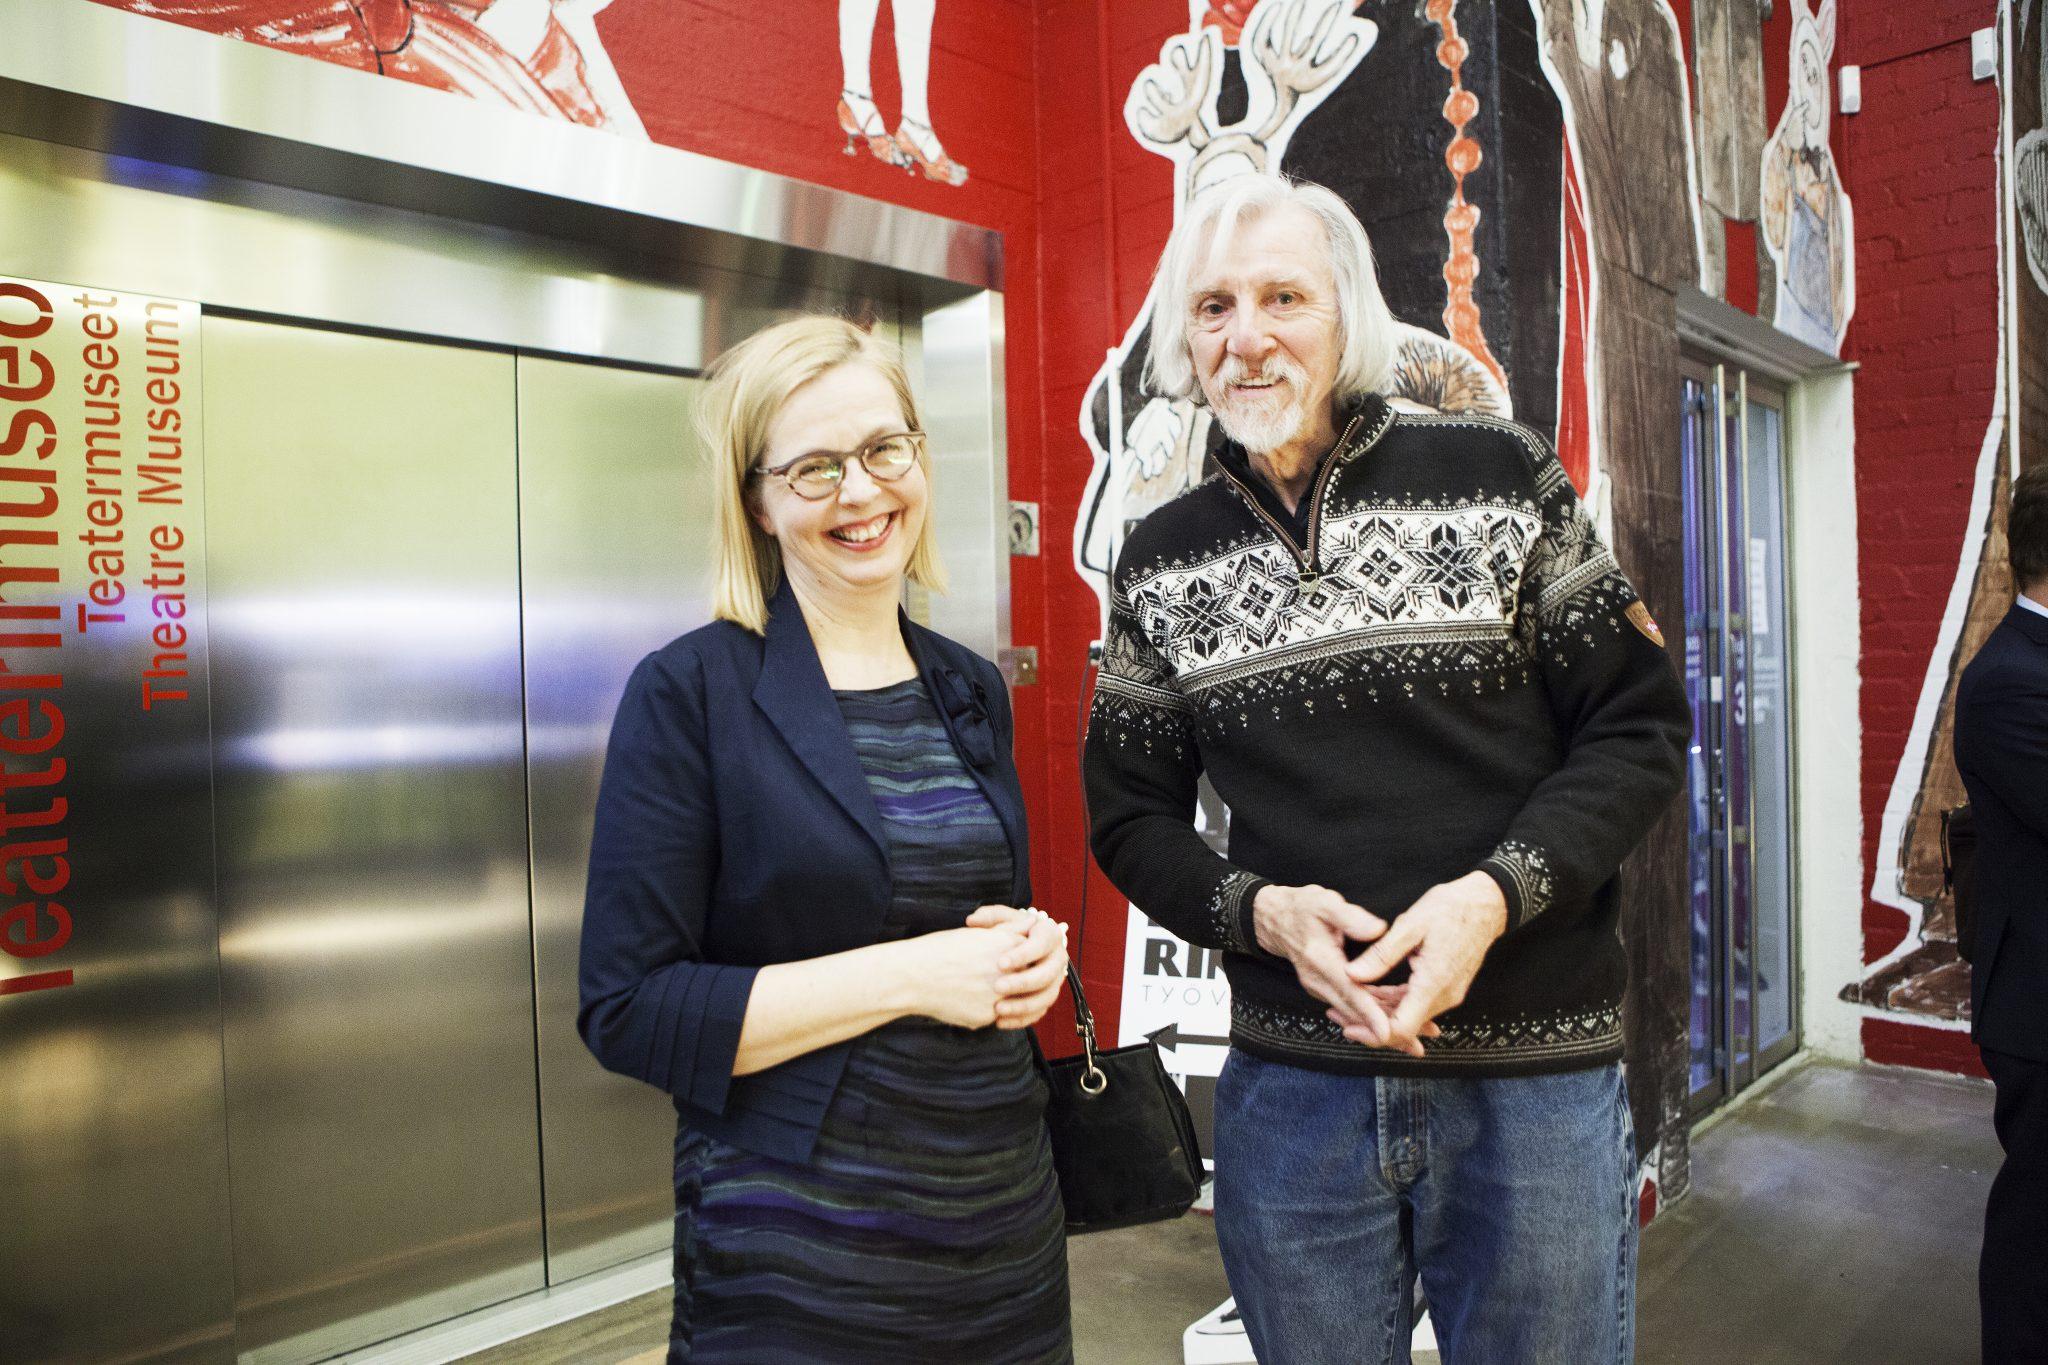 Elina Heikka with Arno Rafael Minkkinen